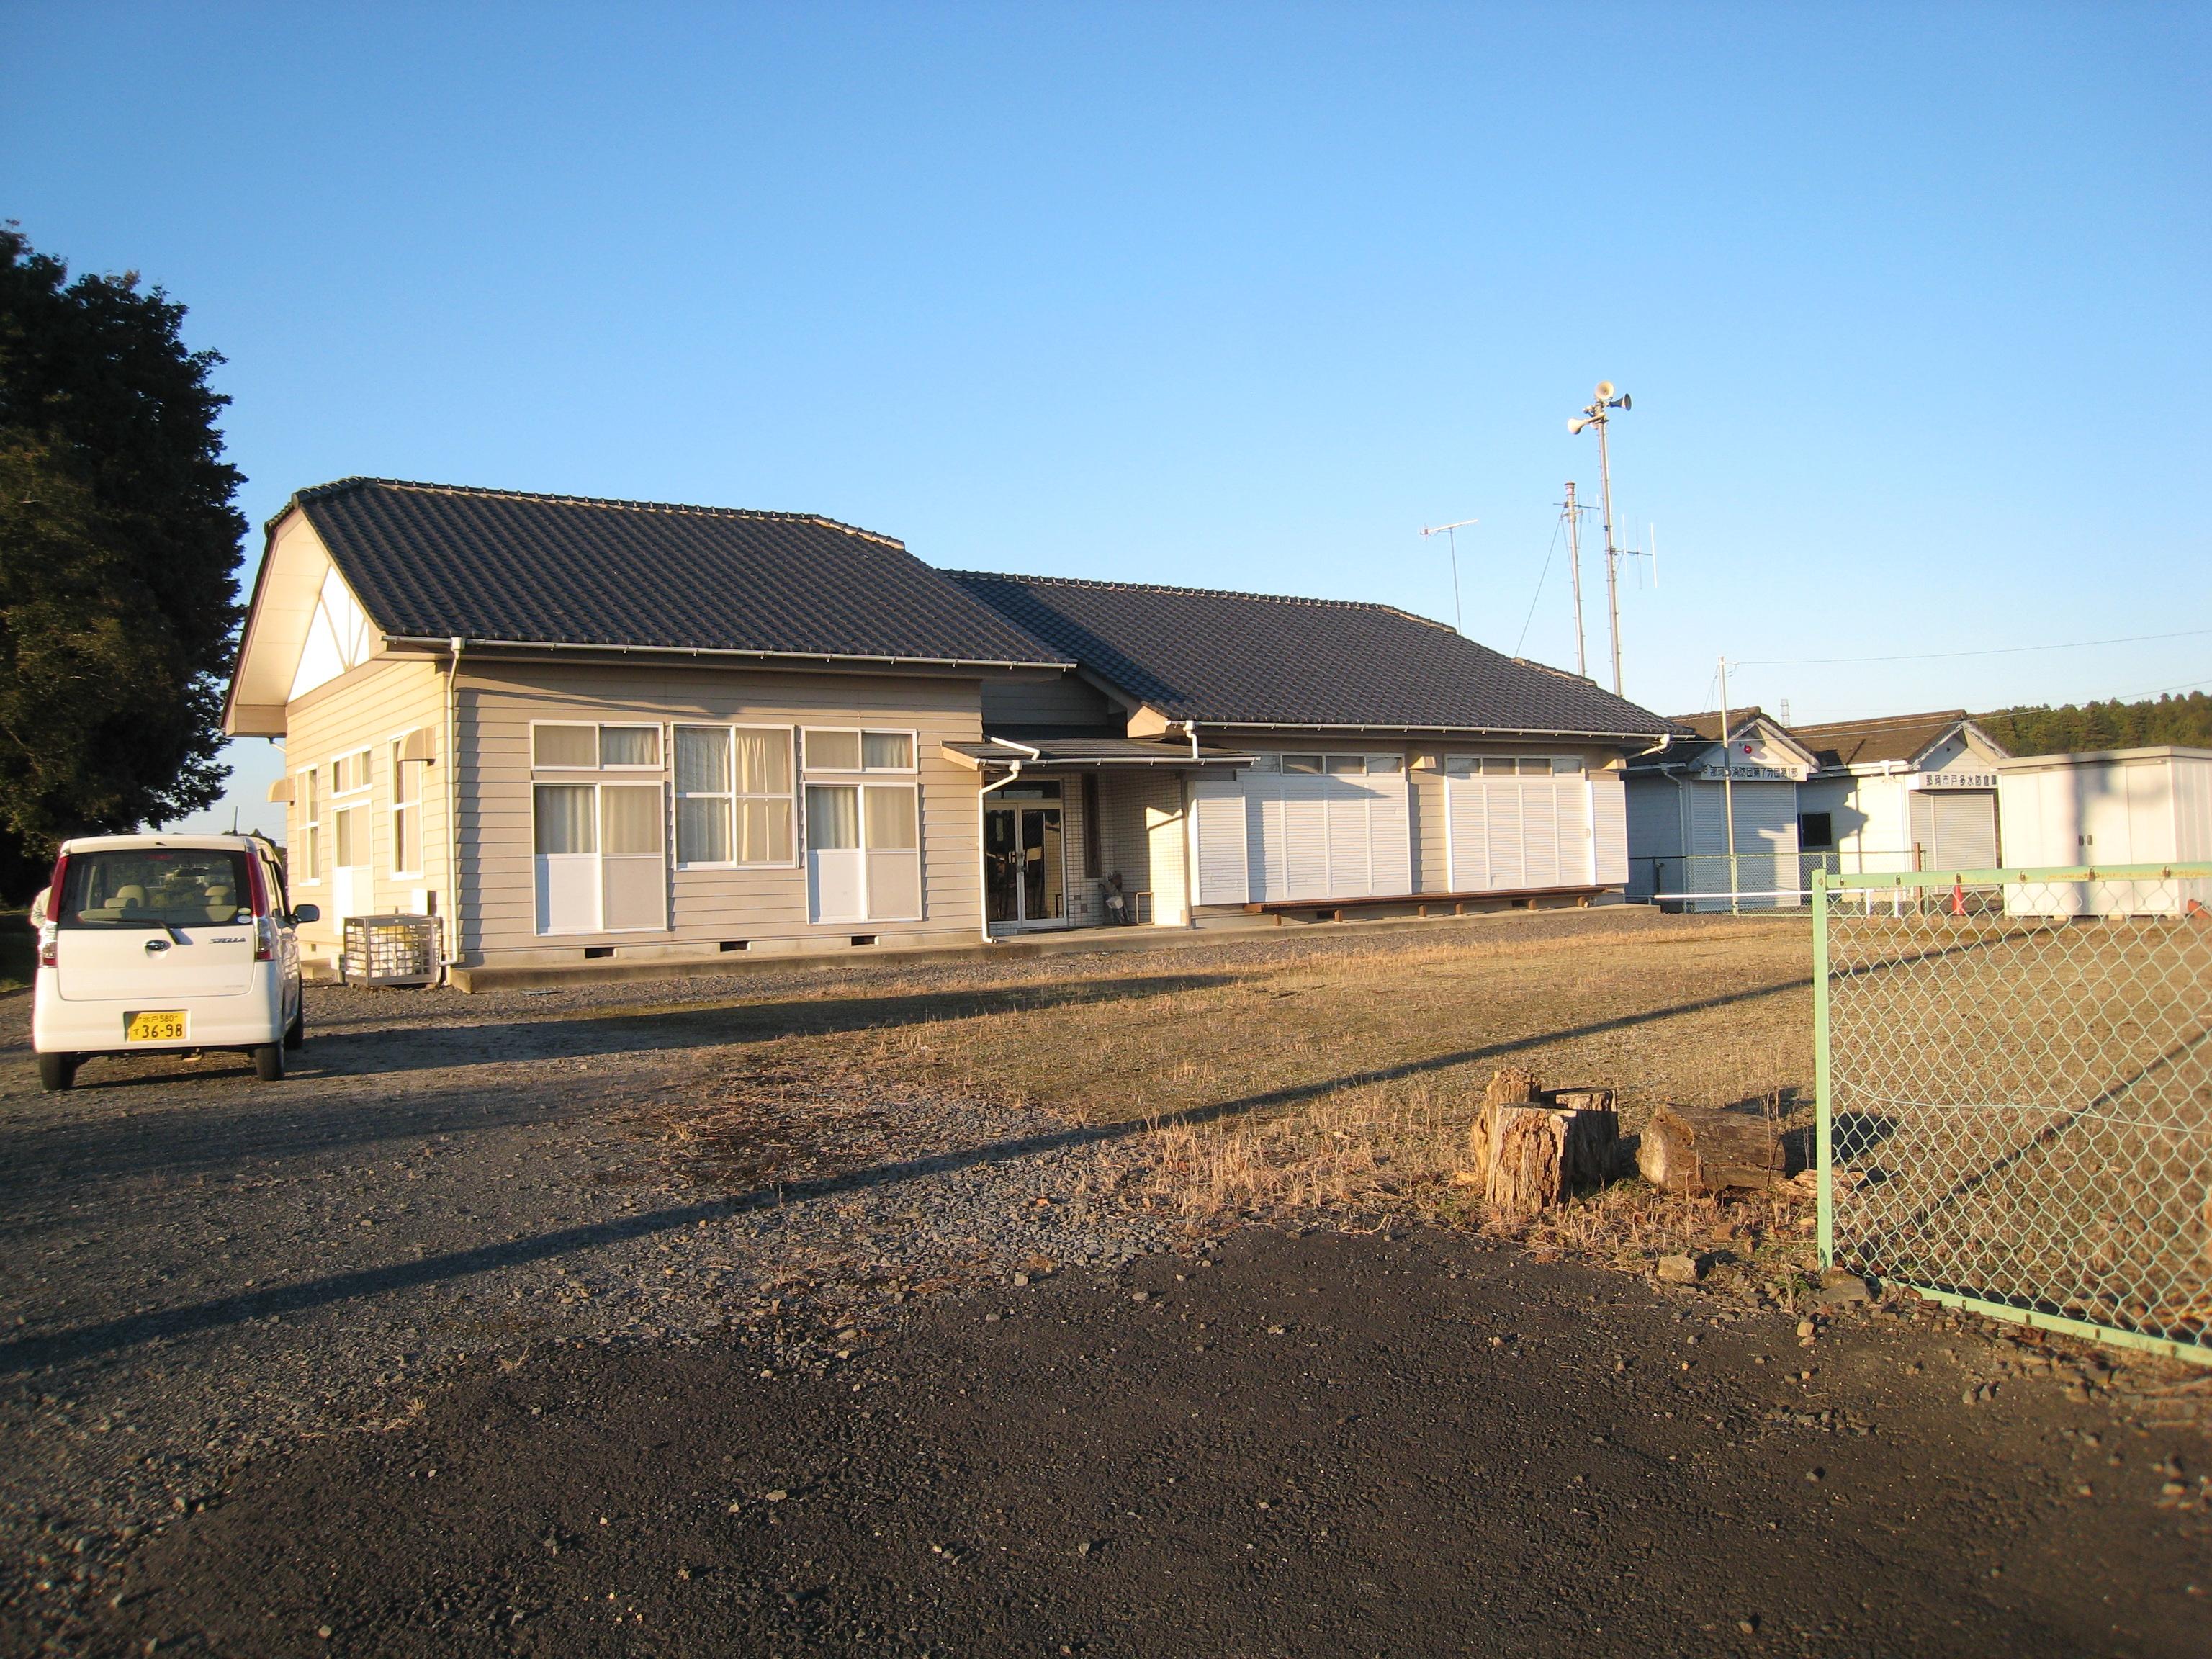 施設:⑮戸多第2投票区 宿農村集落センター